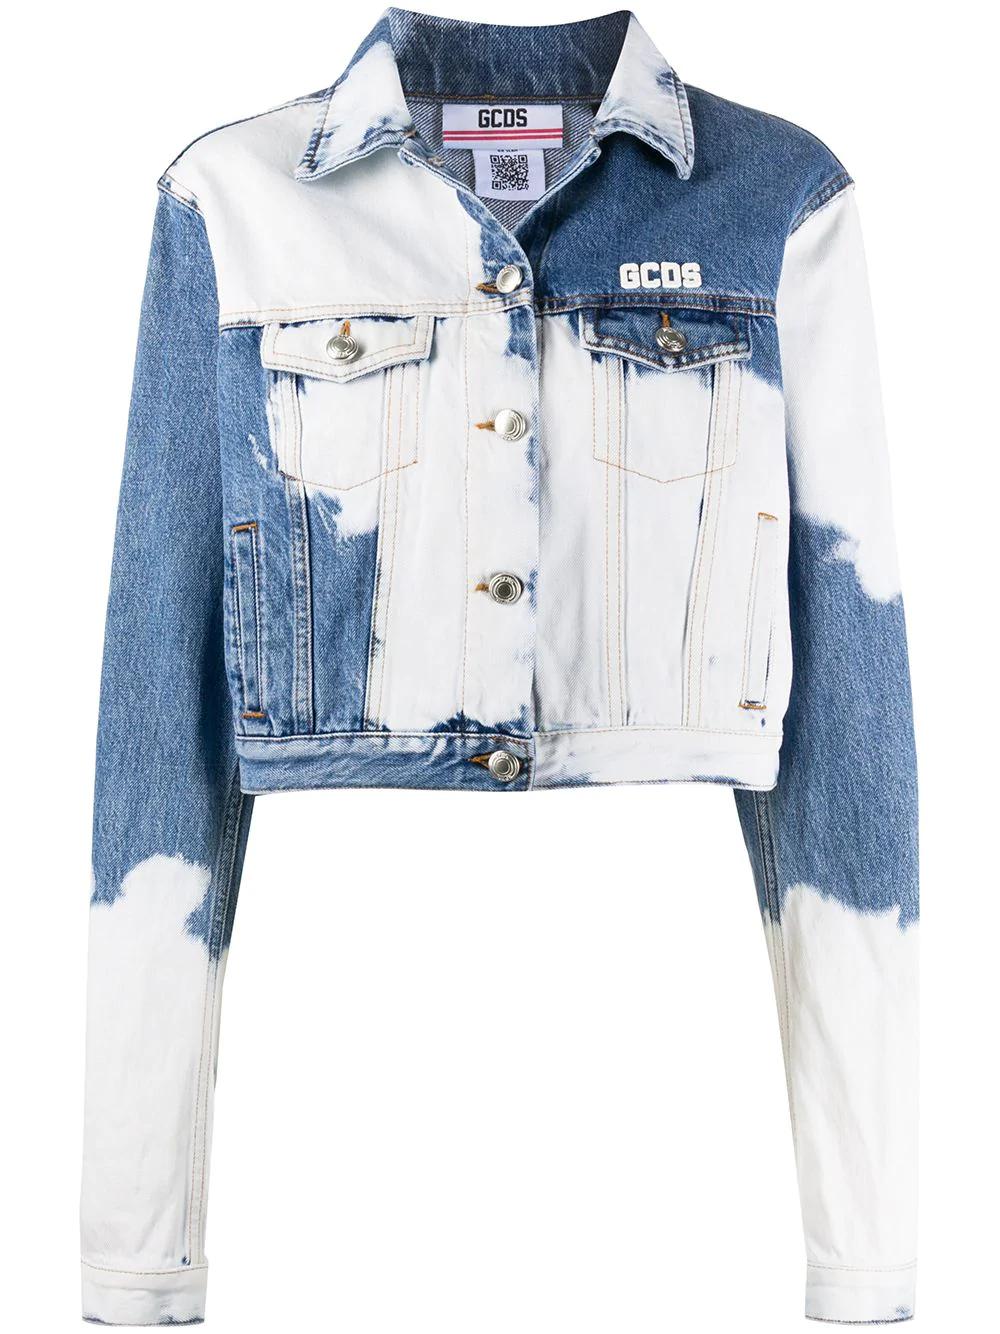 Gcds Bleached Effect Denim Jacket Farfetch Denim Jacket Women Denim Jacket Patches Upcycled Denim Jacket [ 1334 x 1000 Pixel ]